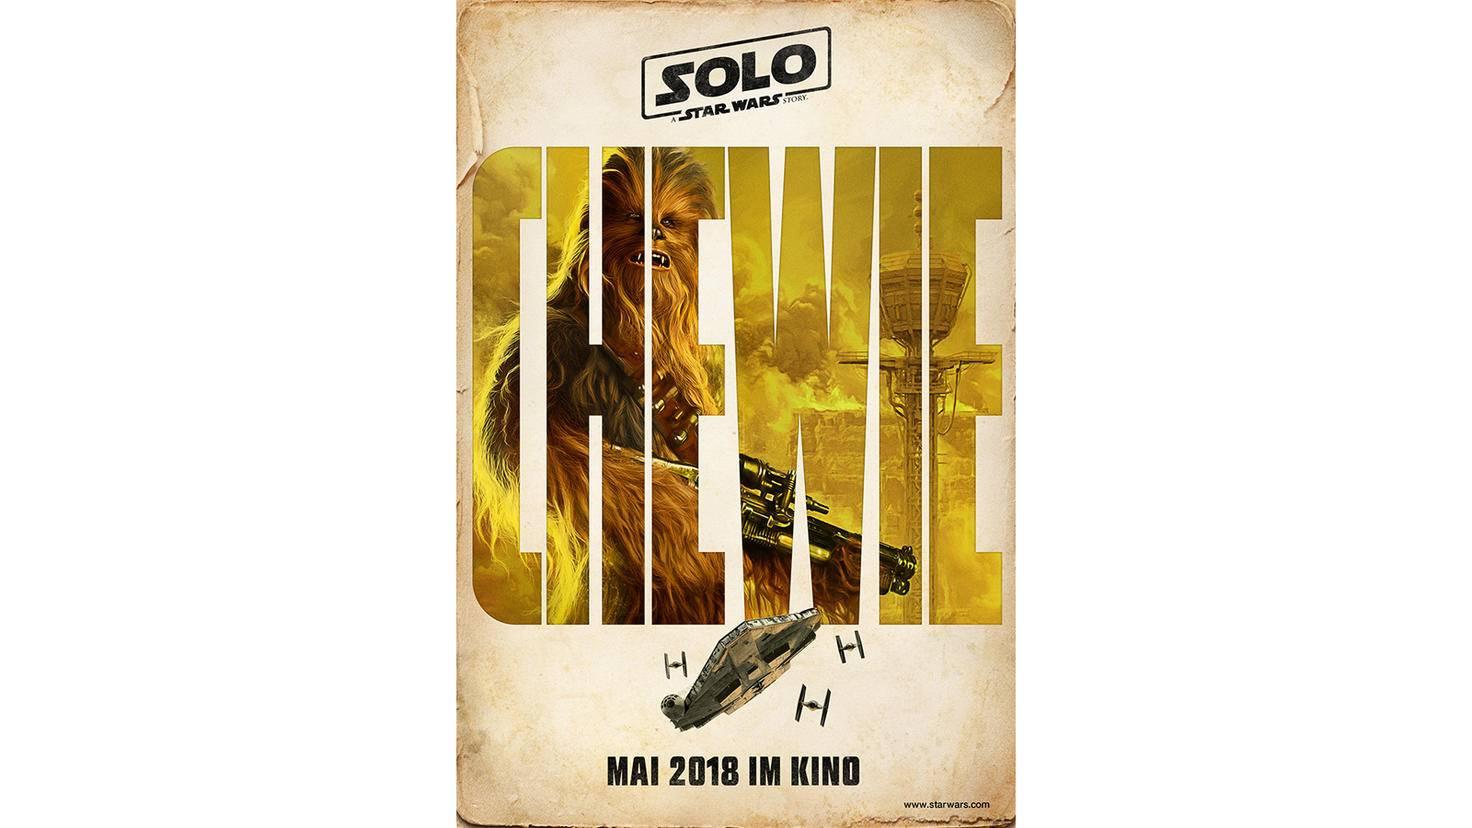 Charakter-Poster von Chewbacca